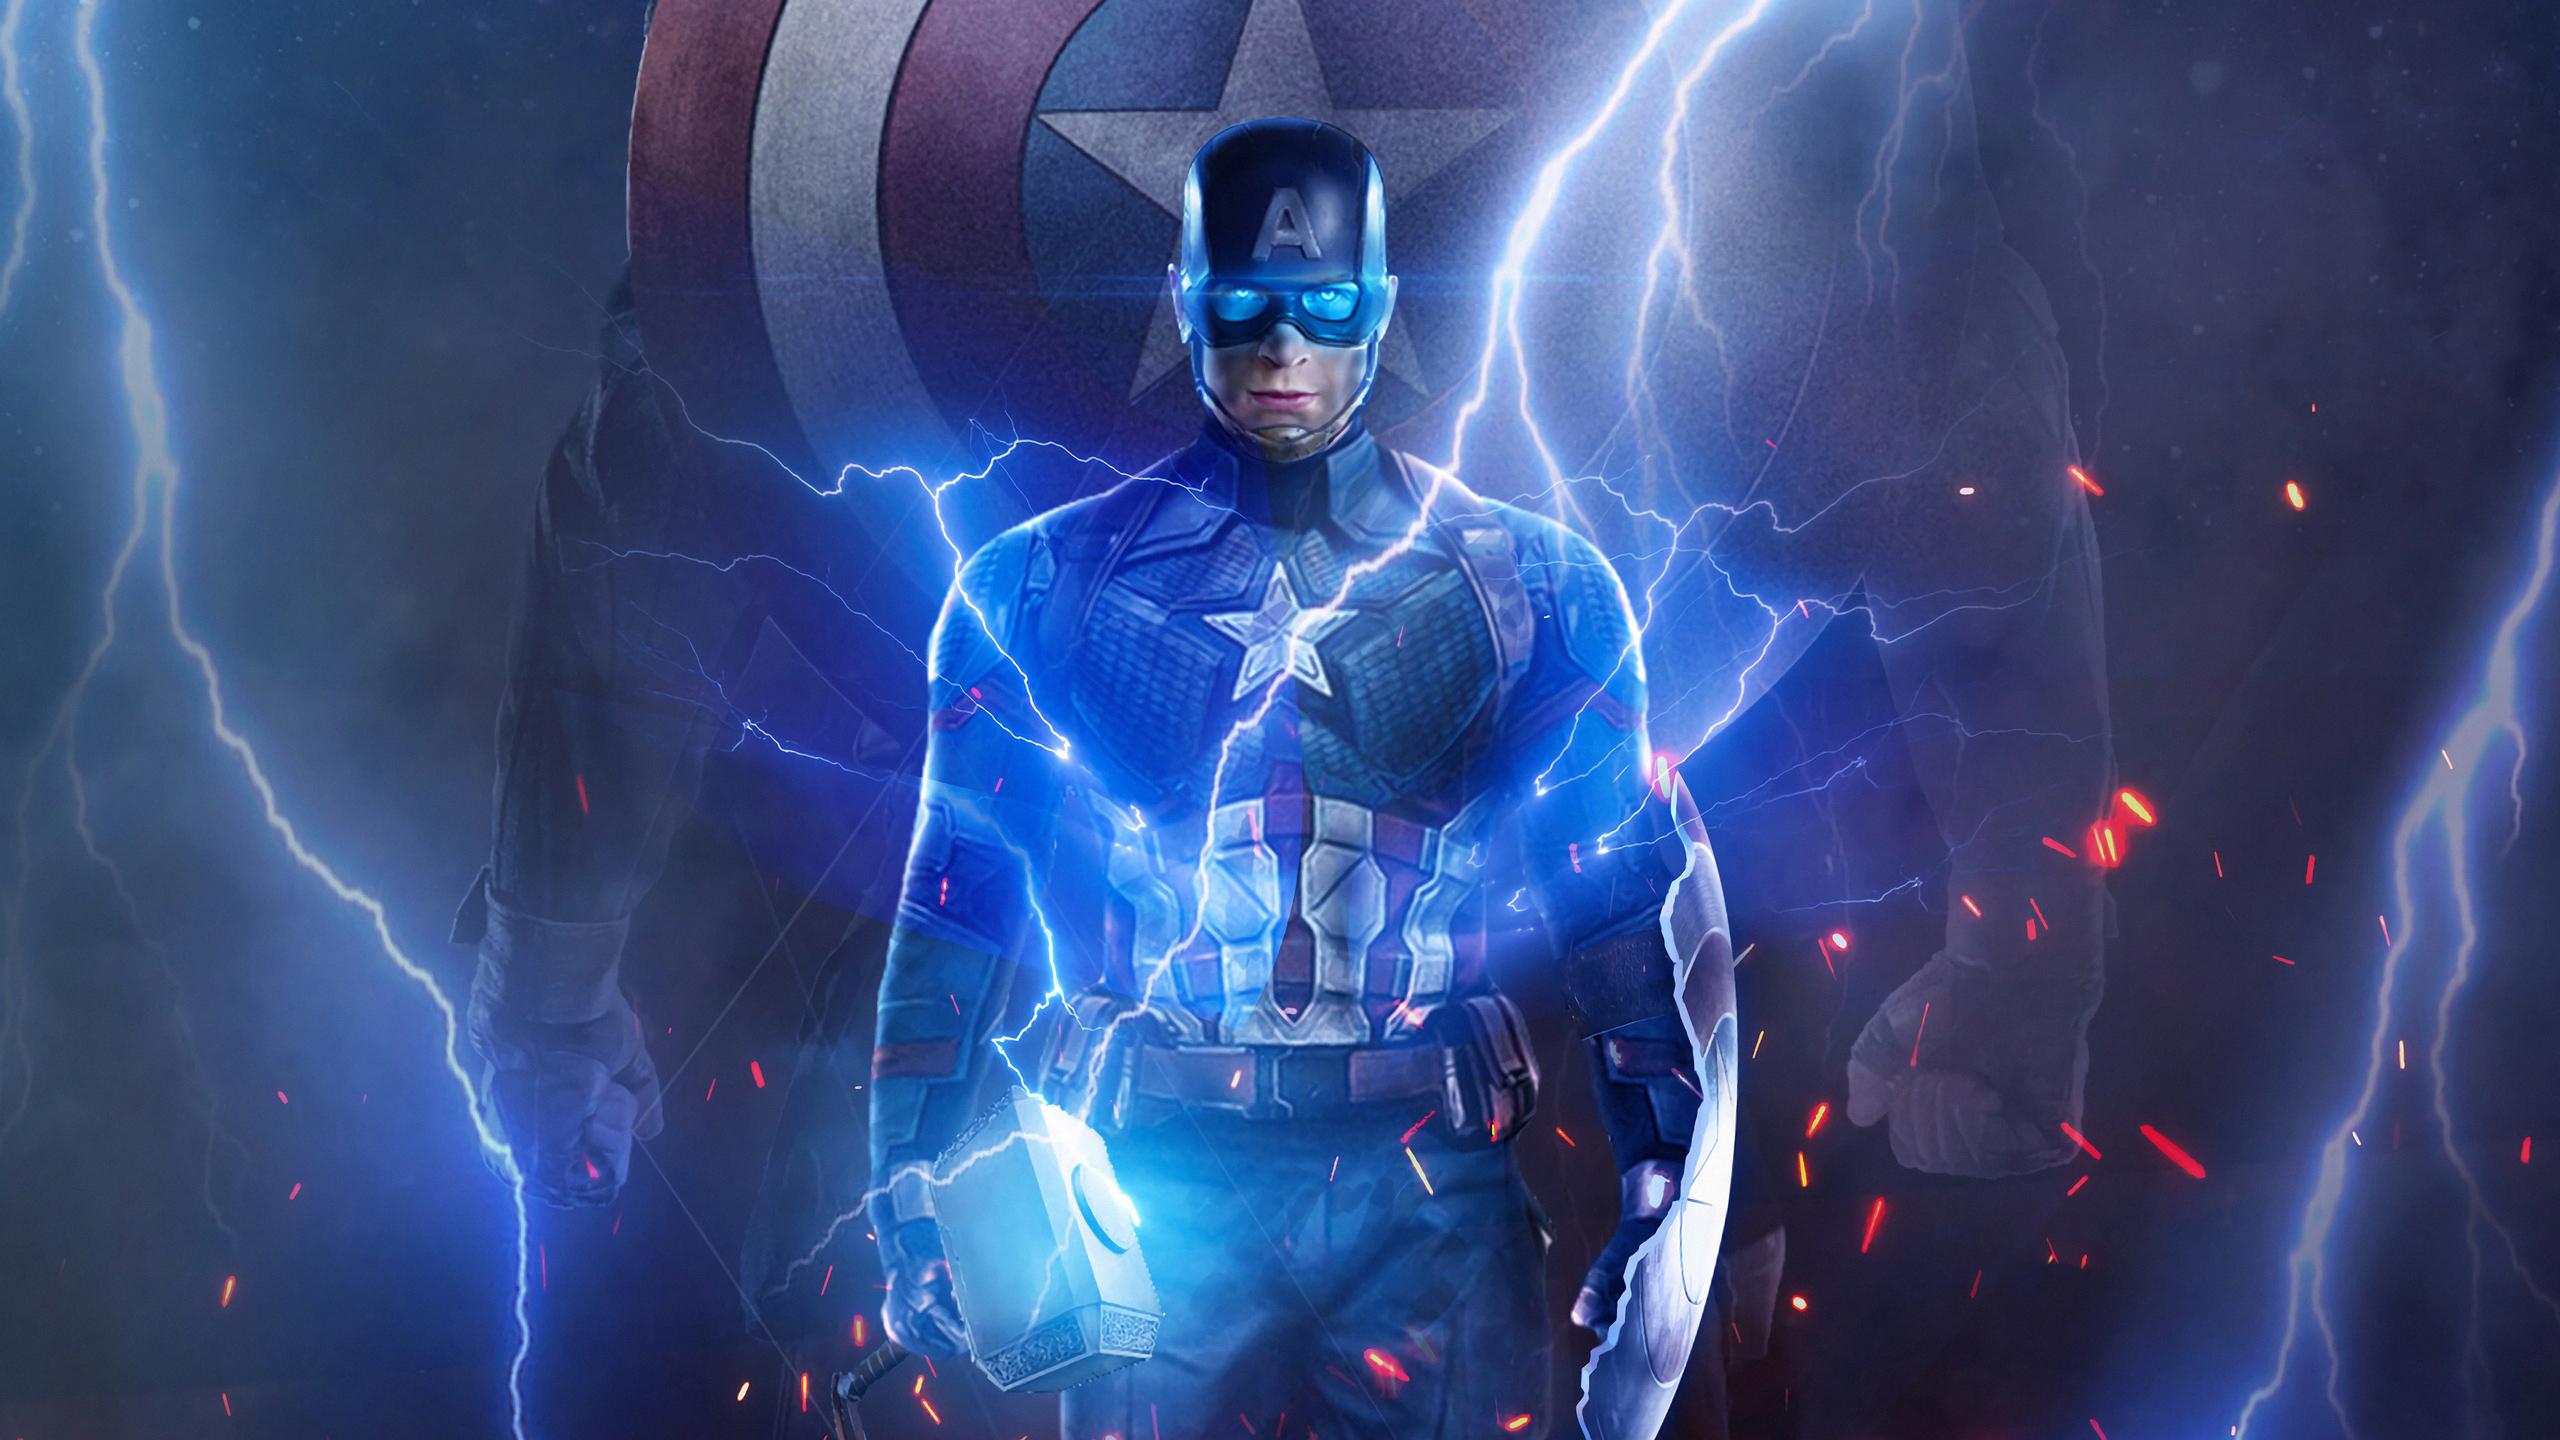 Captain America Worthy Hd Superheroes 4k Wallpapers